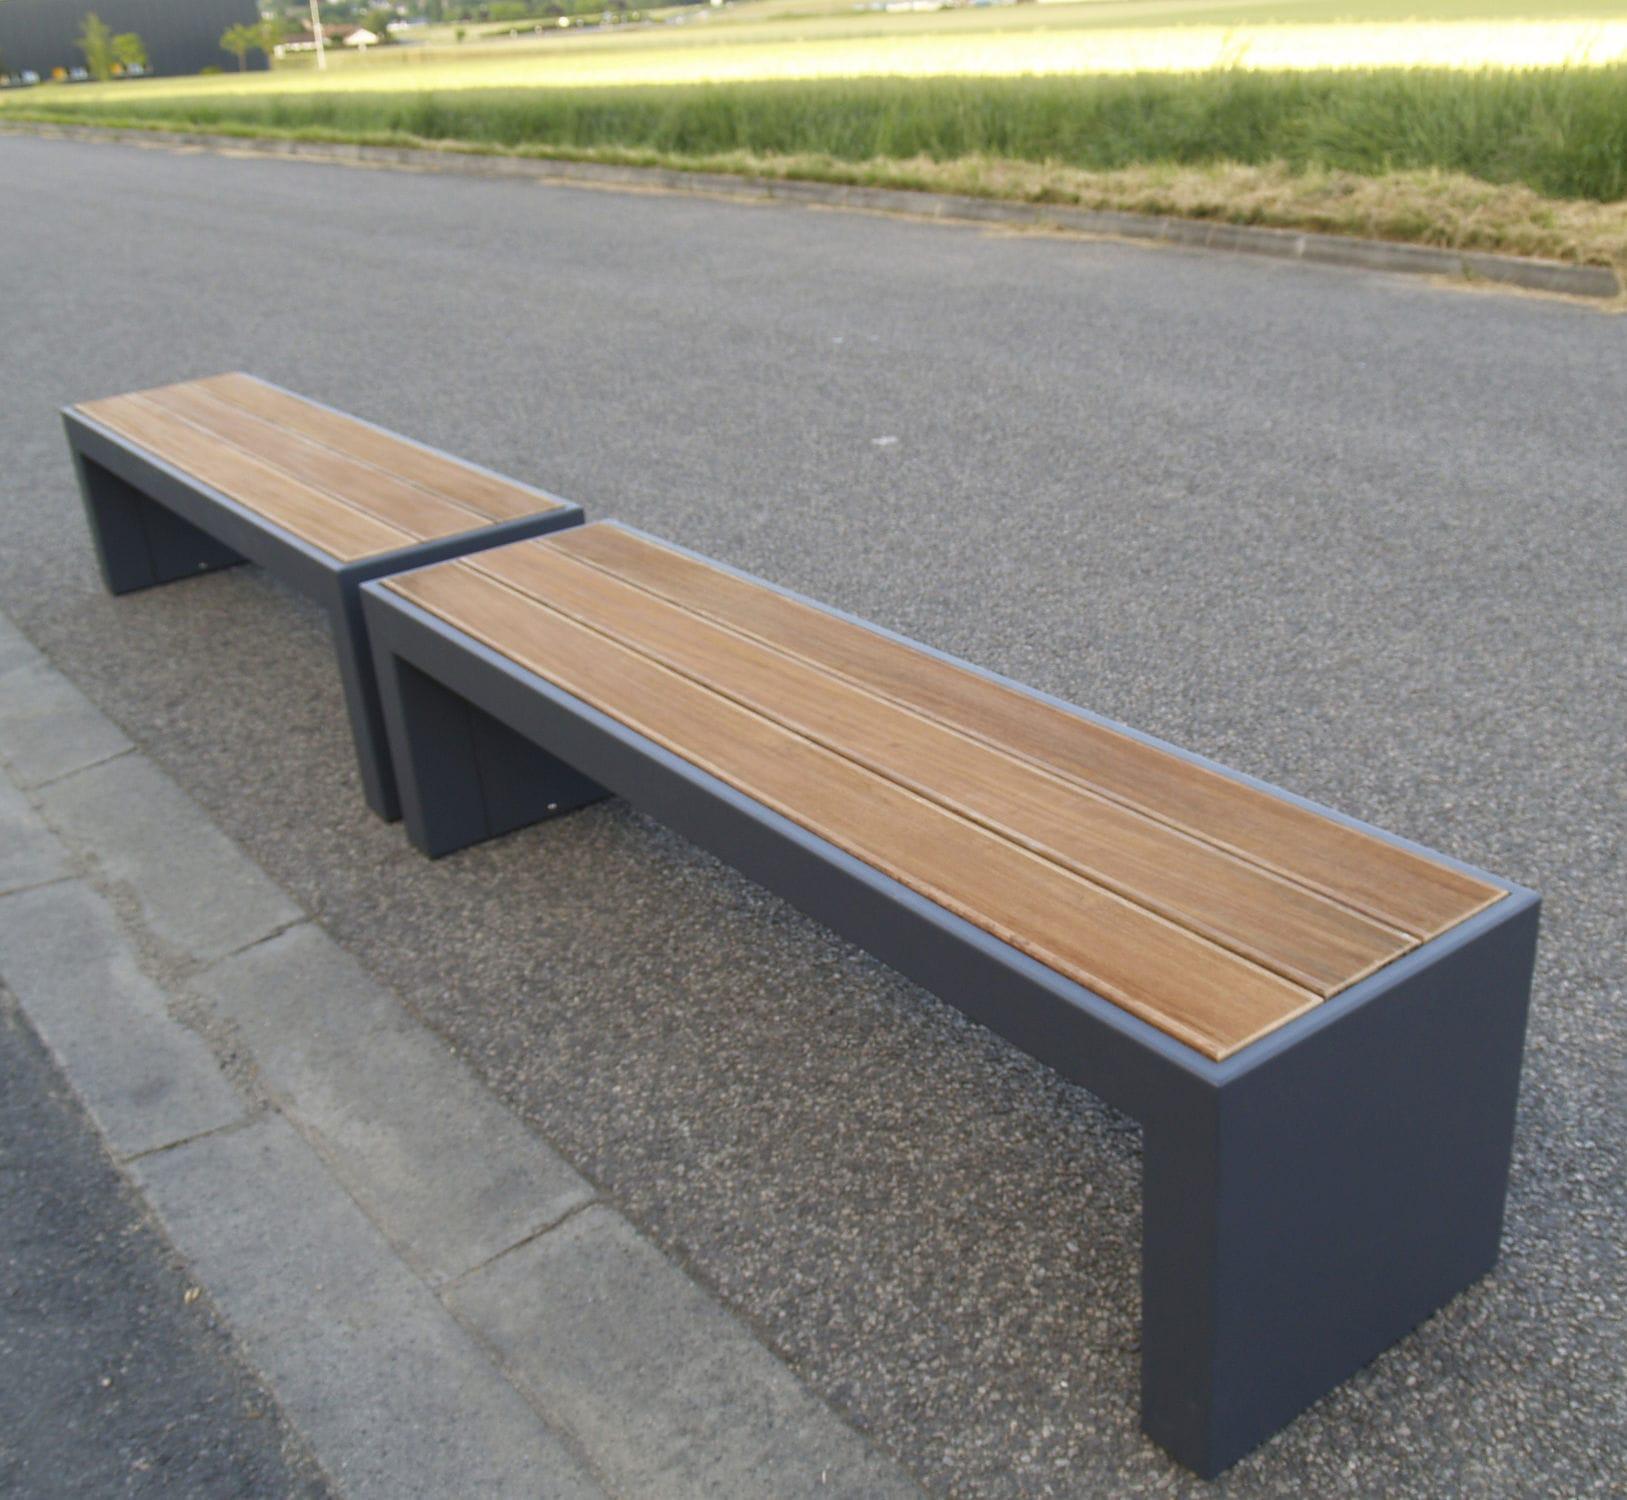 Banc public de jardin contemporain en bois BANCS SUR